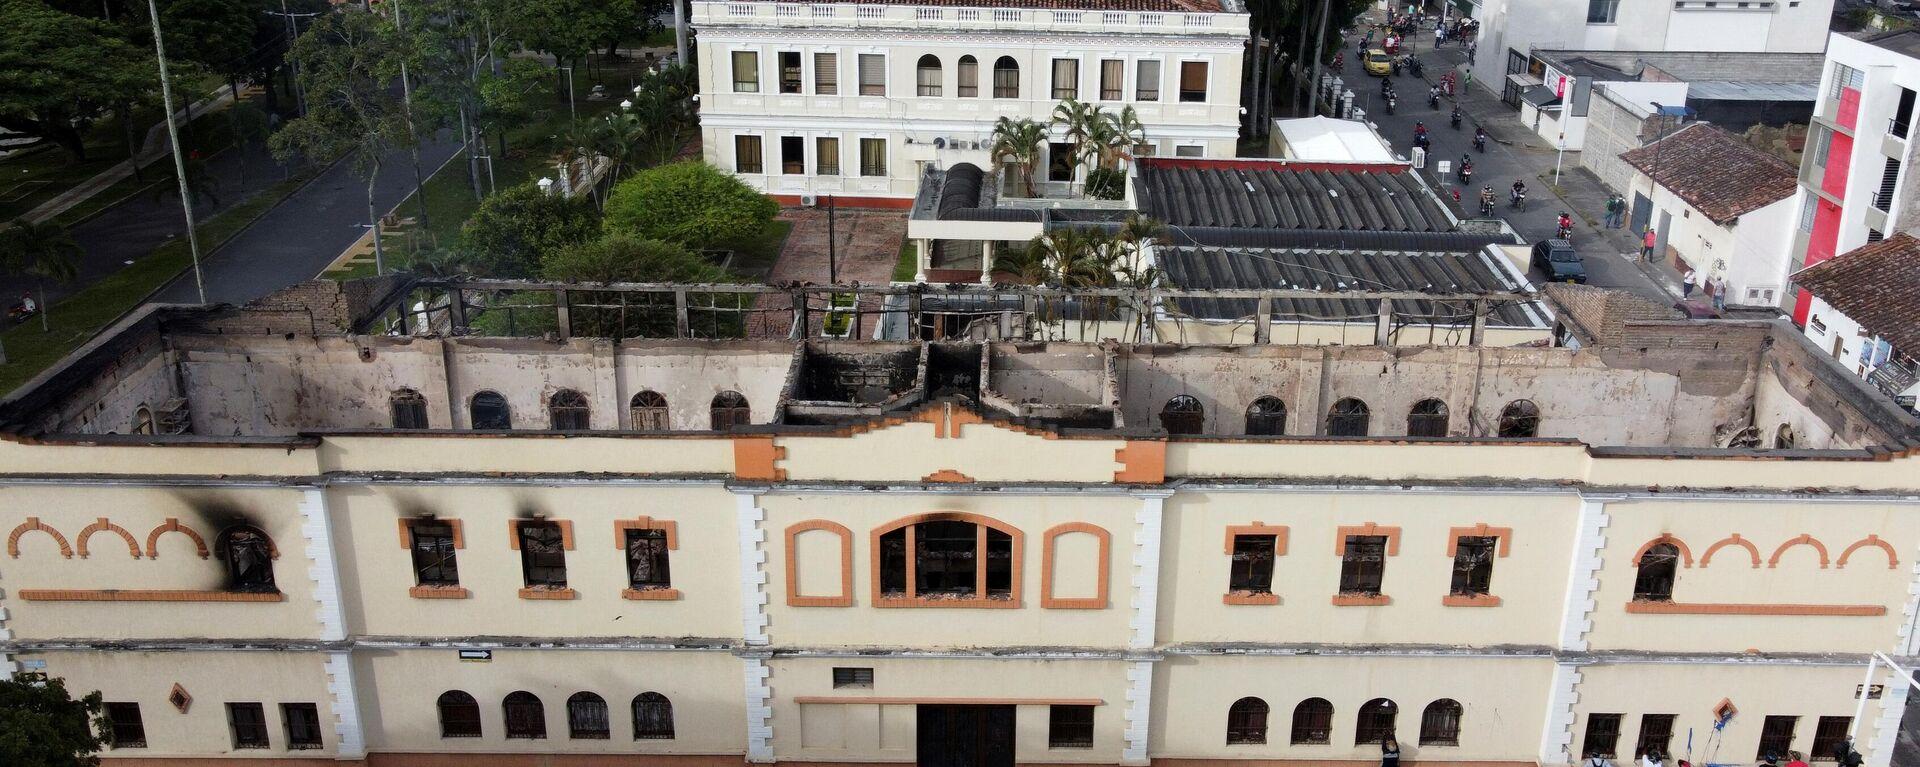 El Palacio de Justicia de Tuluá, en Colombia, fue incendiado en medio de protestas a nivel nacional - Sputnik Mundo, 1920, 28.05.2021